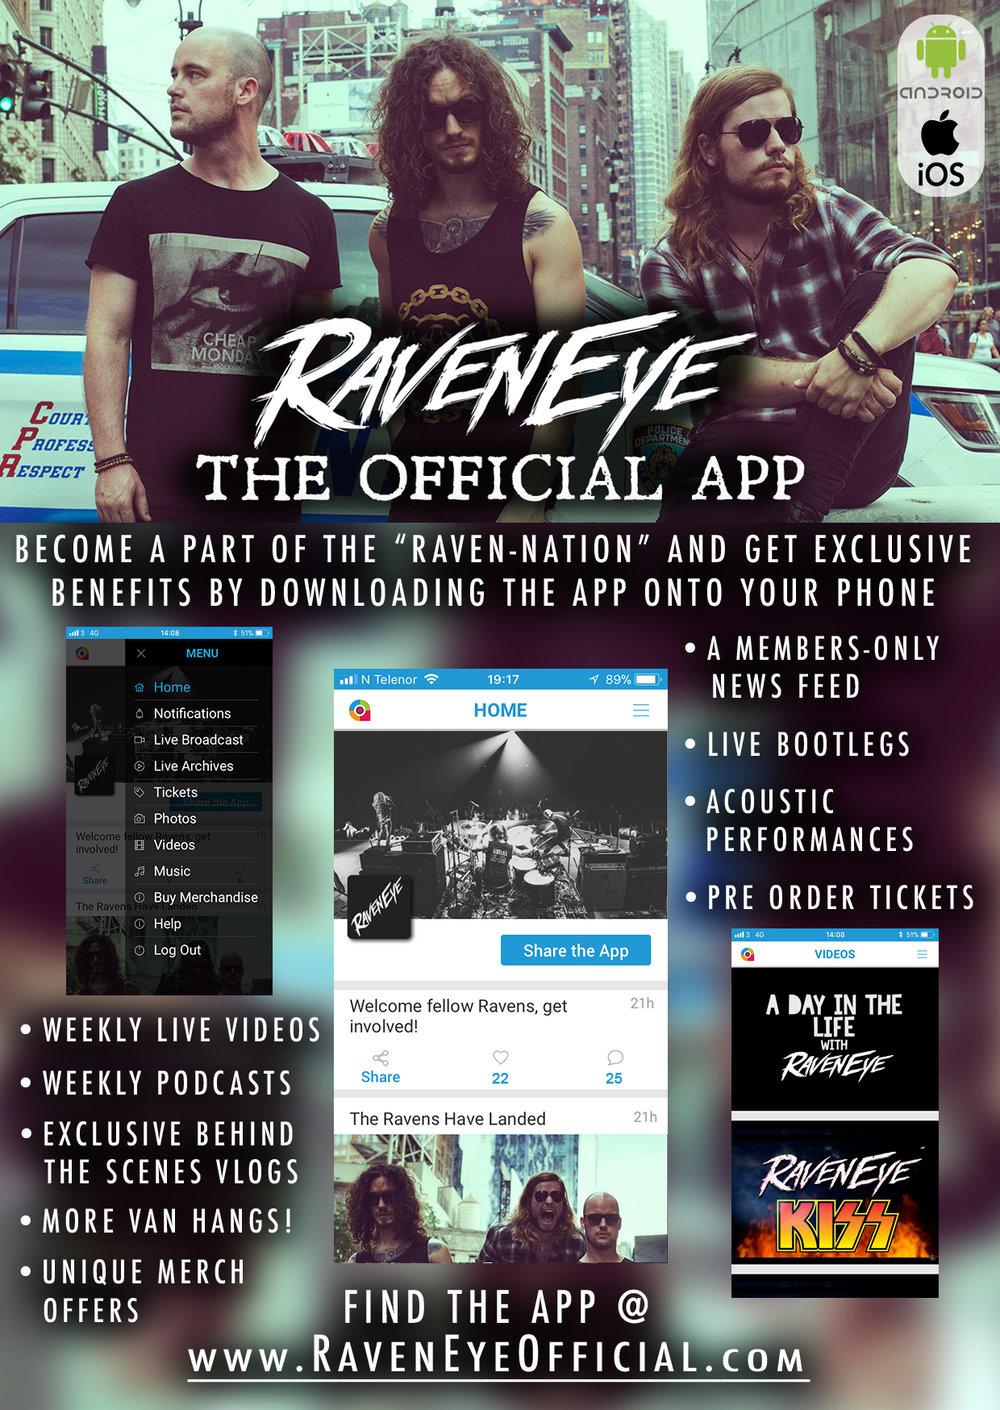 RavenEye App2 flyer.jpg